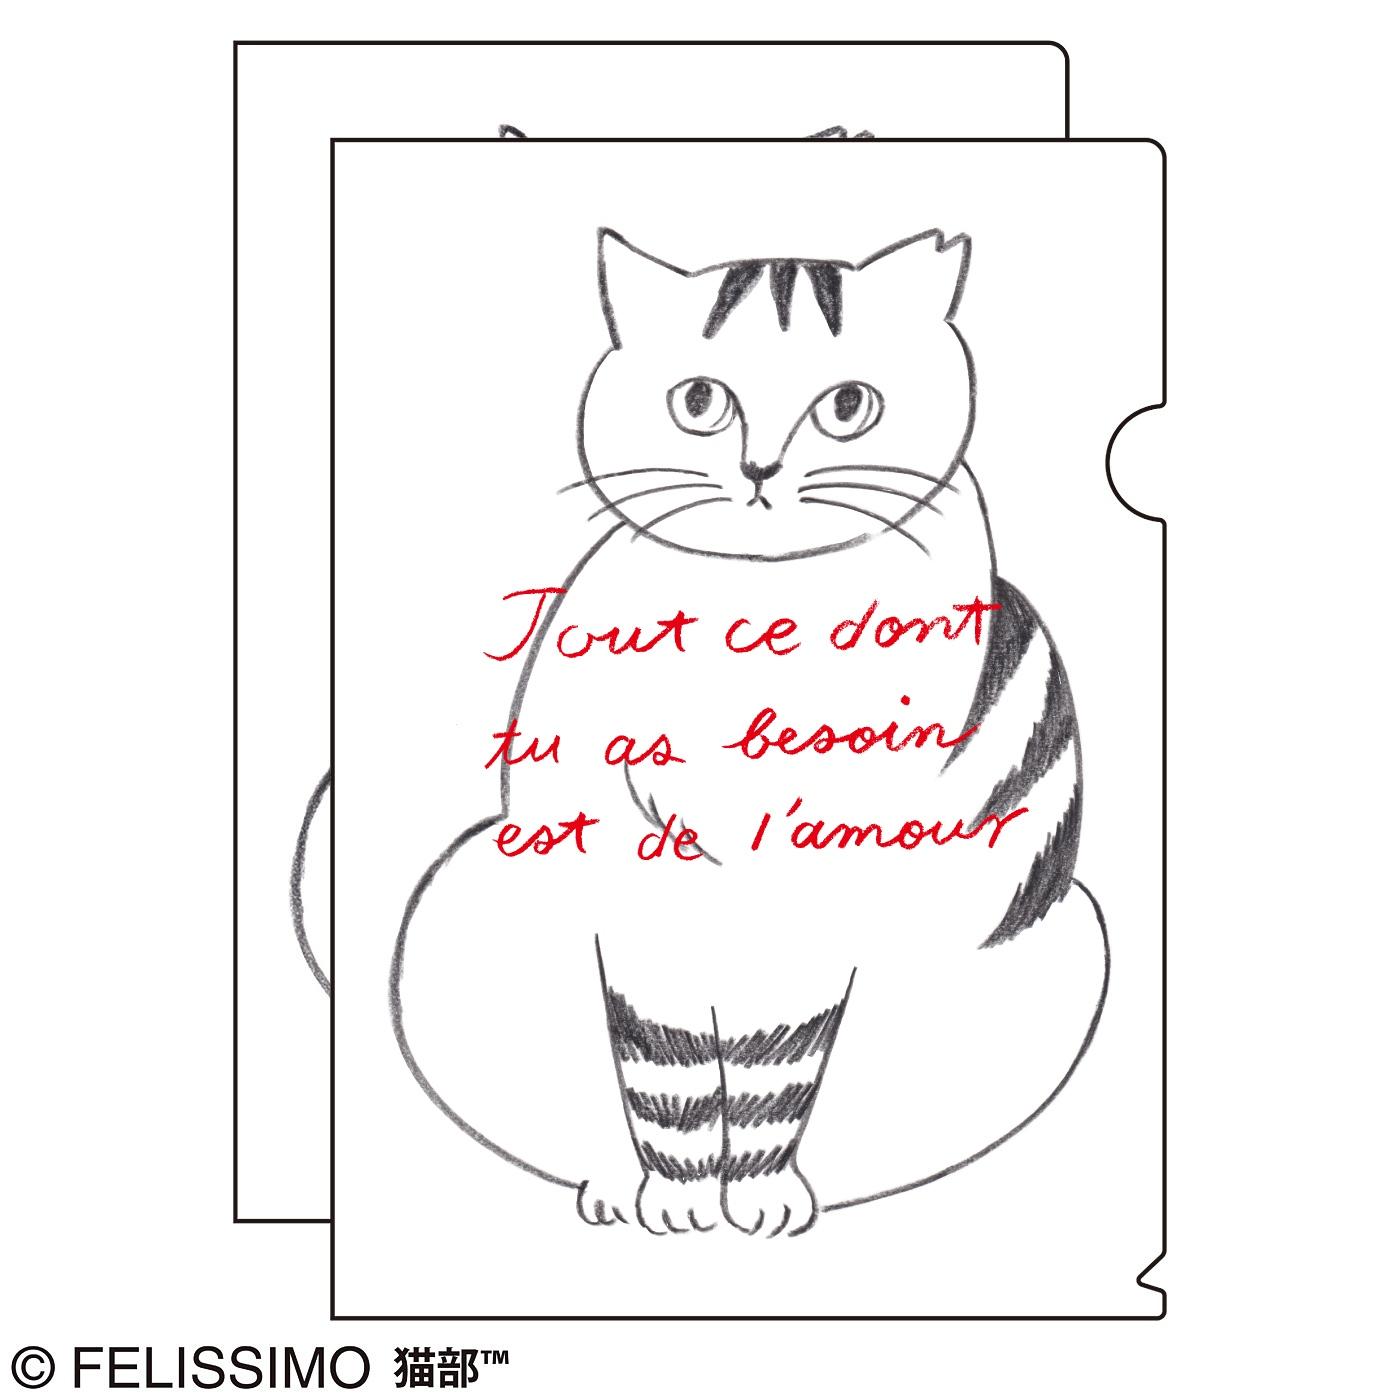 猫部×松尾ミユキ 地域猫チャリティークリアファイル2019